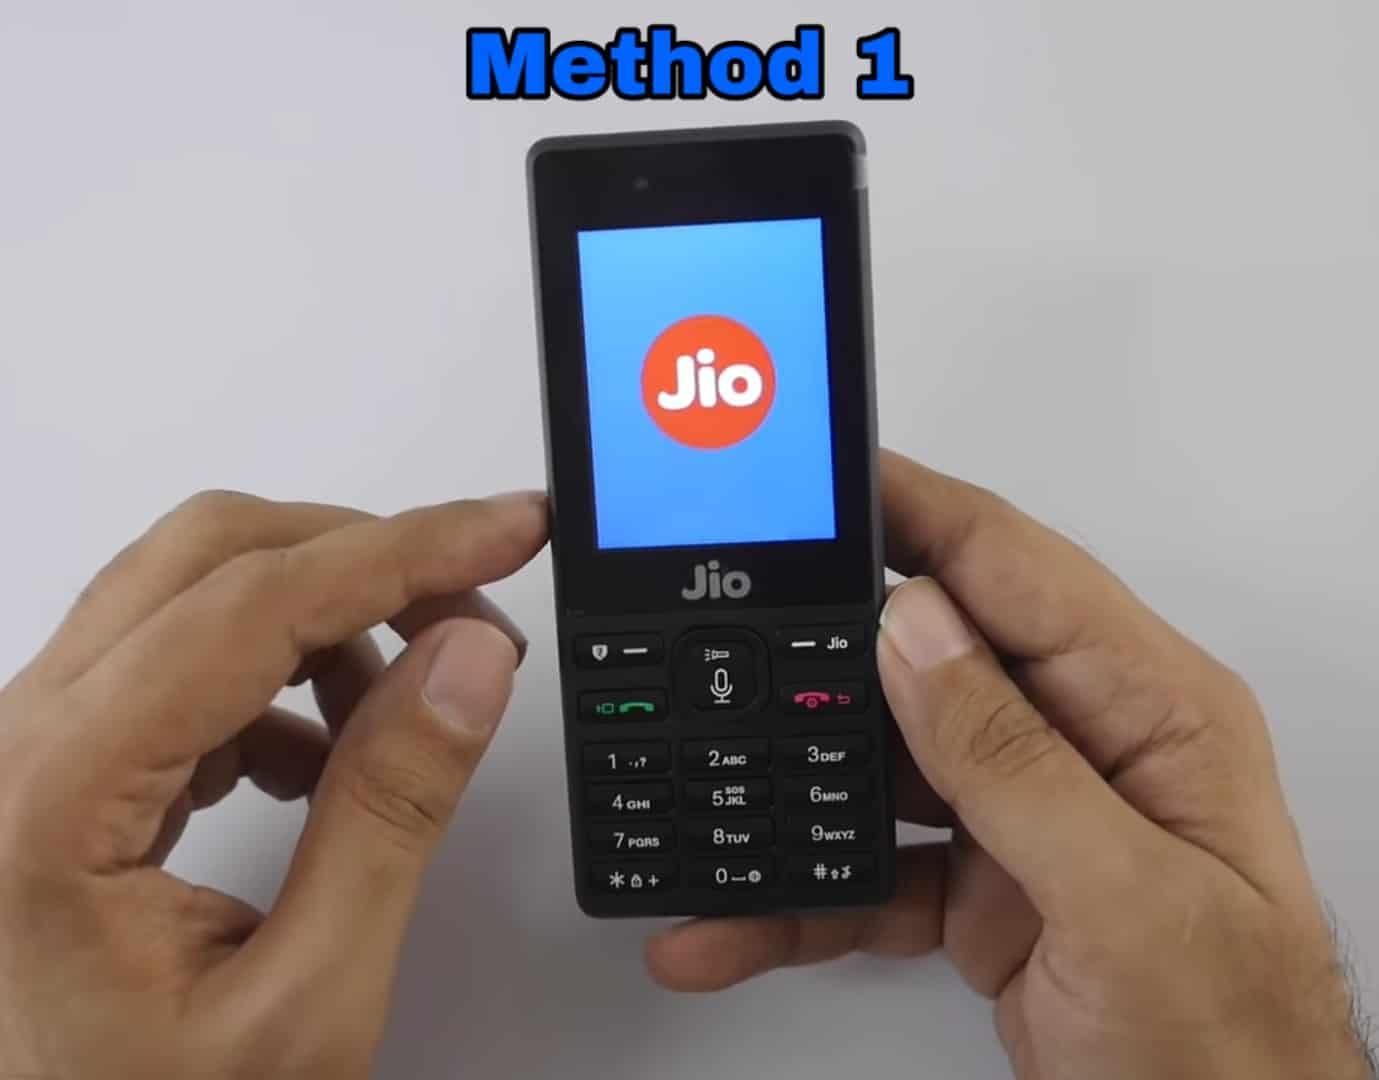 Jio Phone में WhatsApp कैसे चलाएं - 1st Method